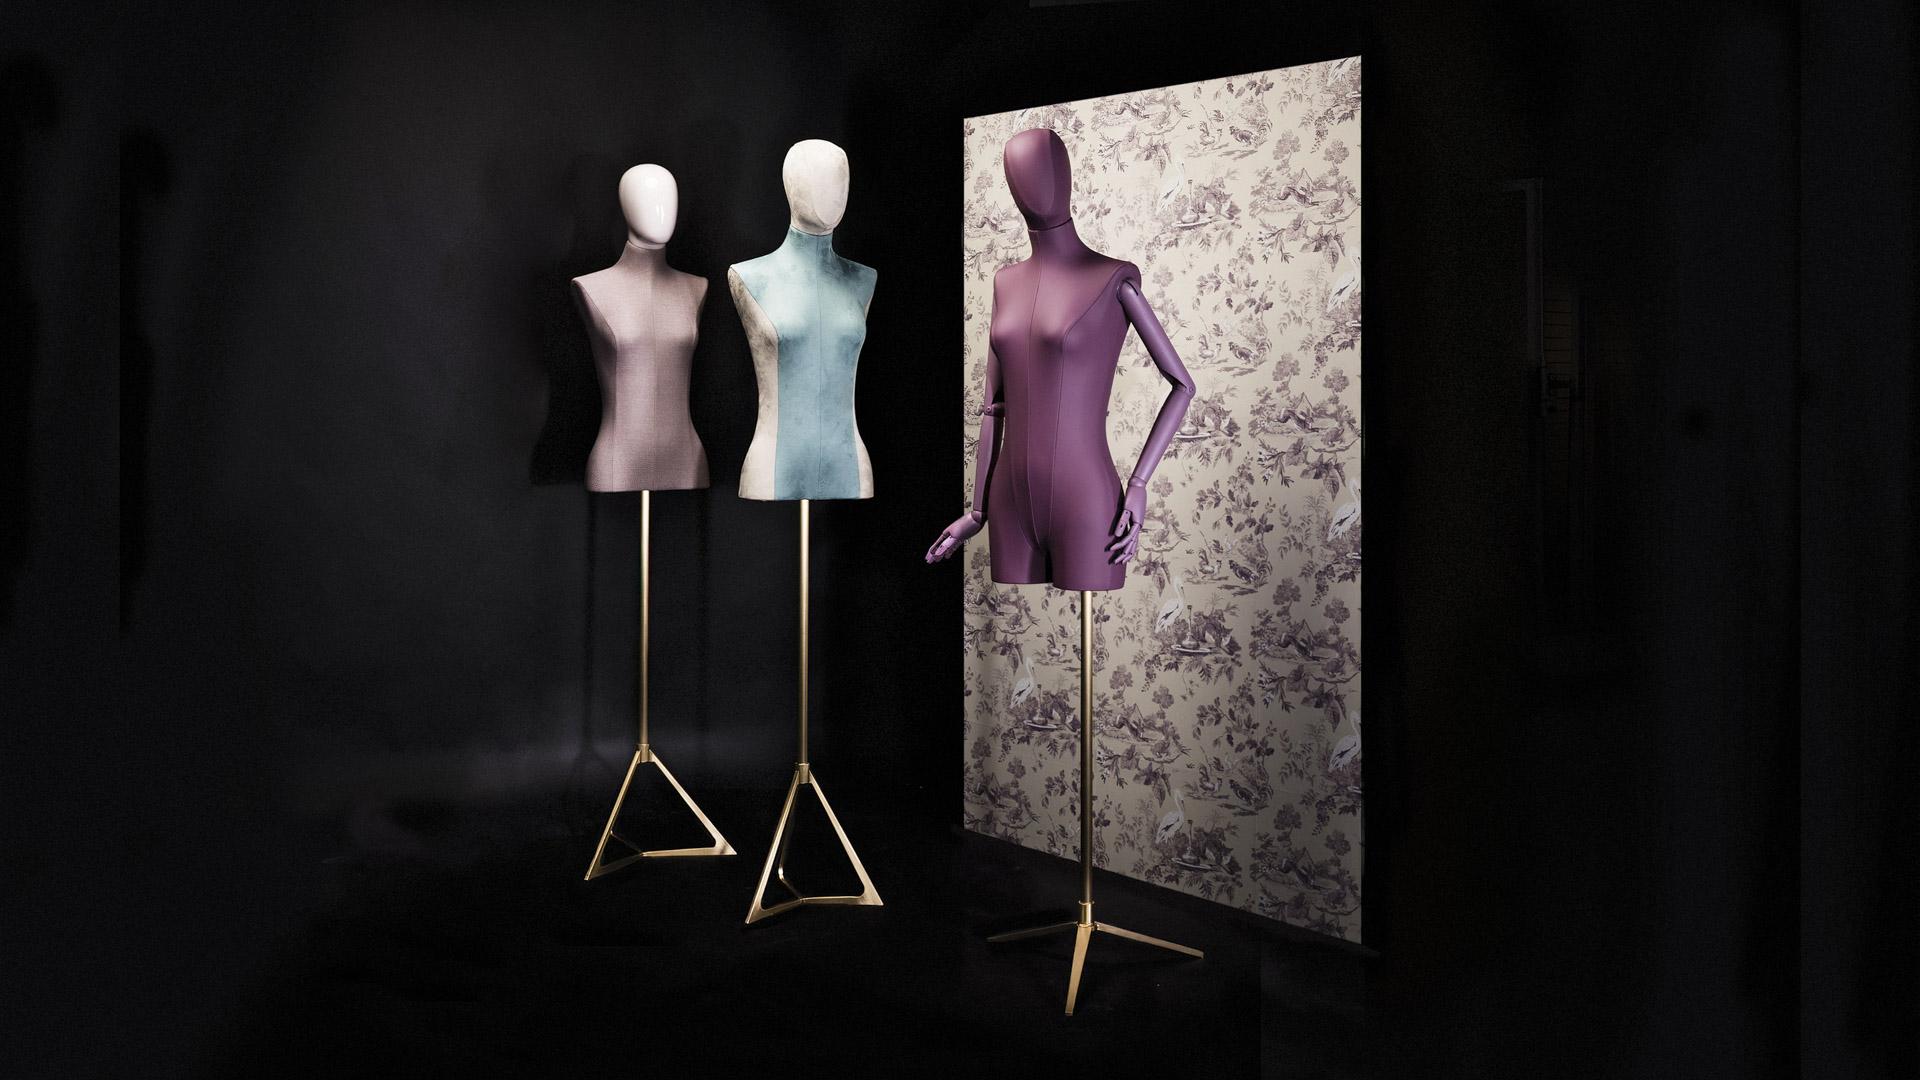 bespoke mannequin torsos